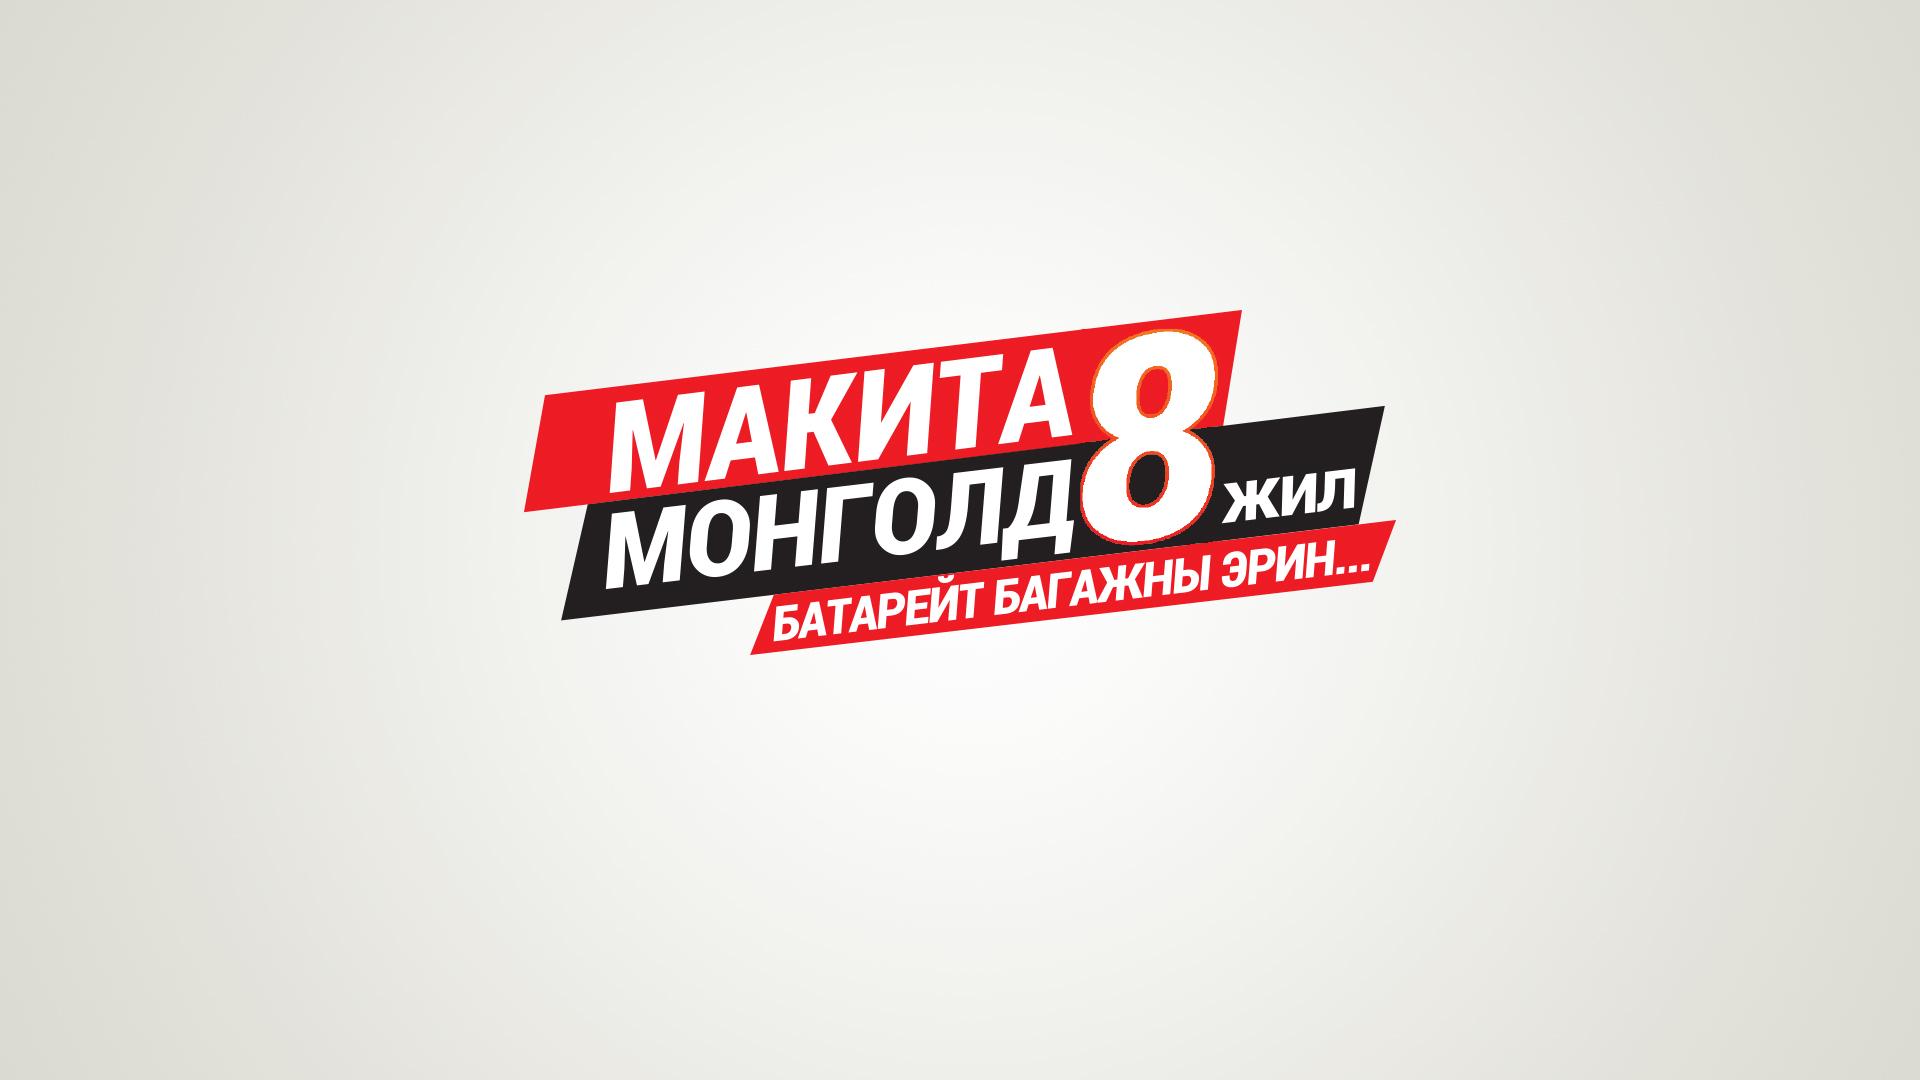 """""""Макита Монголд 8 жил"""" """"Батарейт багажны эрин..."""""""